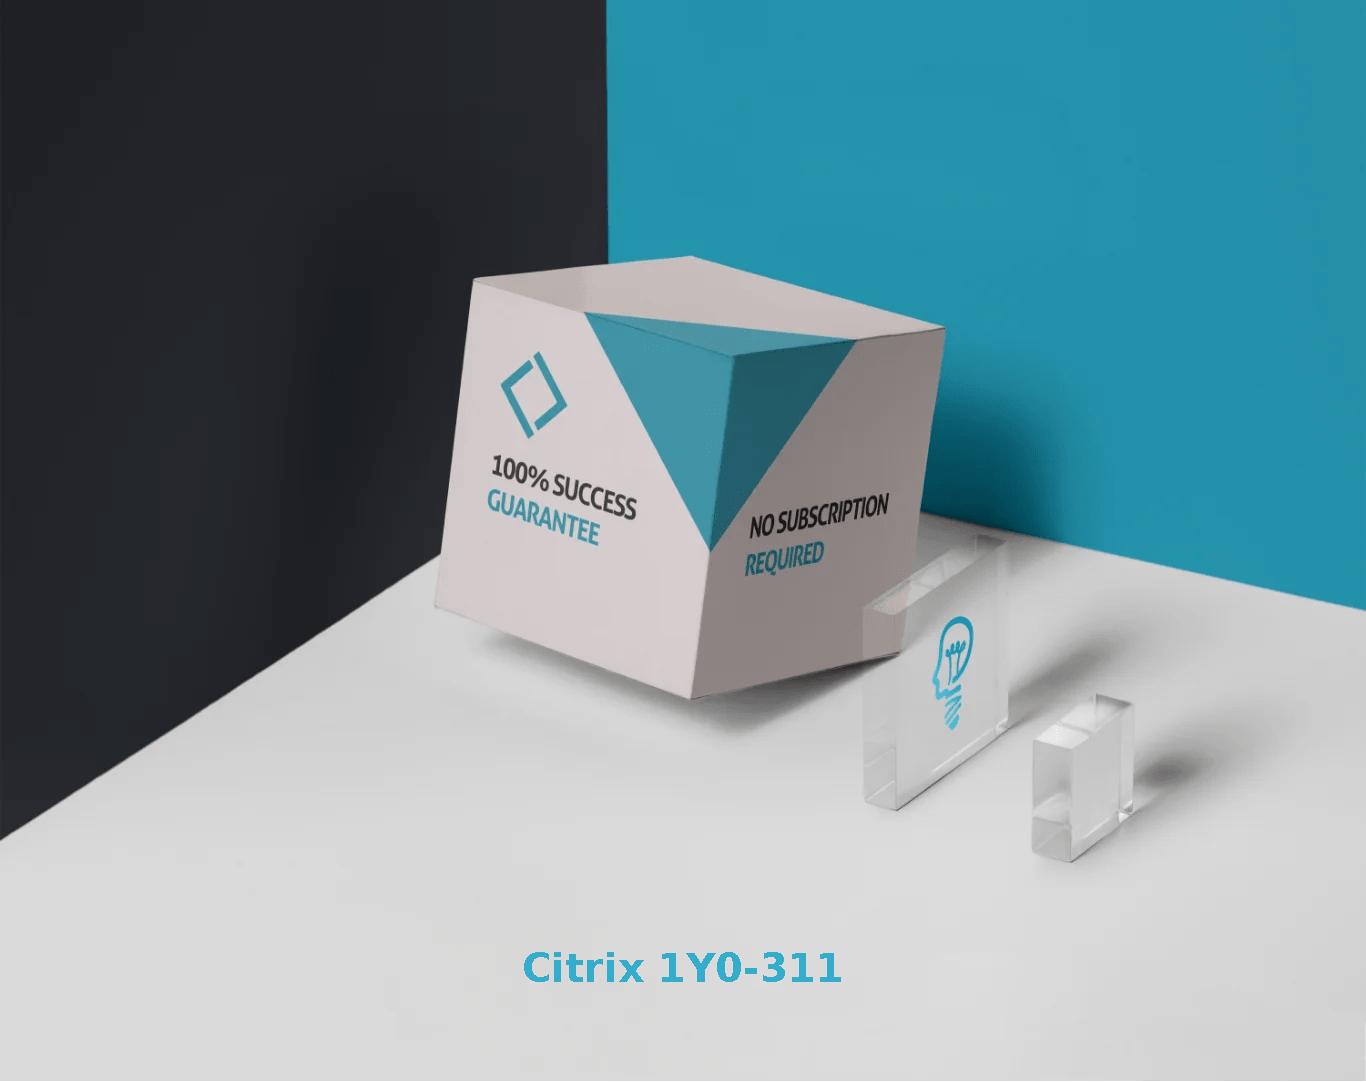 Citrix 1Y0-311 Exams